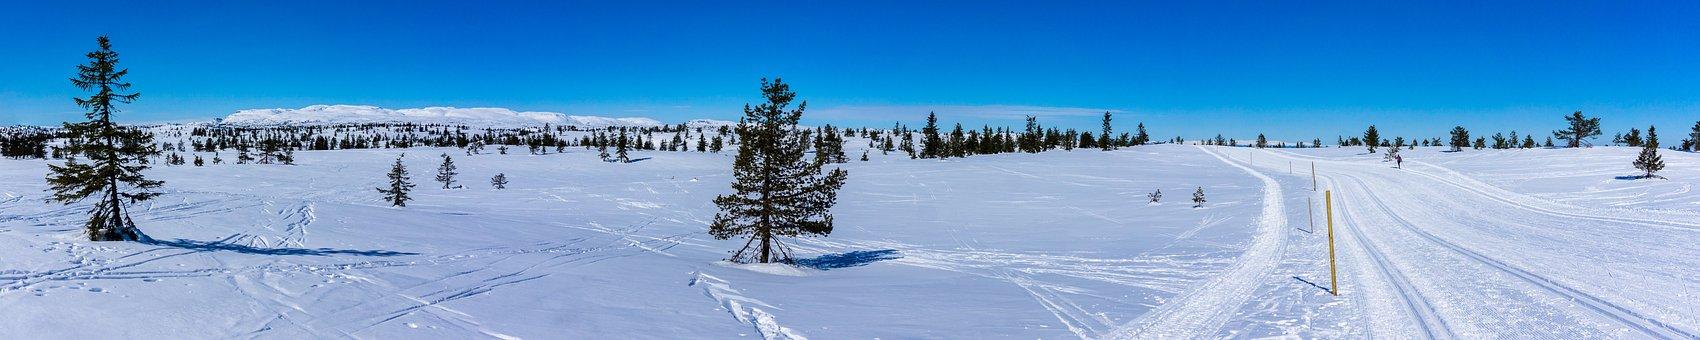 Snow, Winter, Panorama, Panoramic, Landscape, Sky